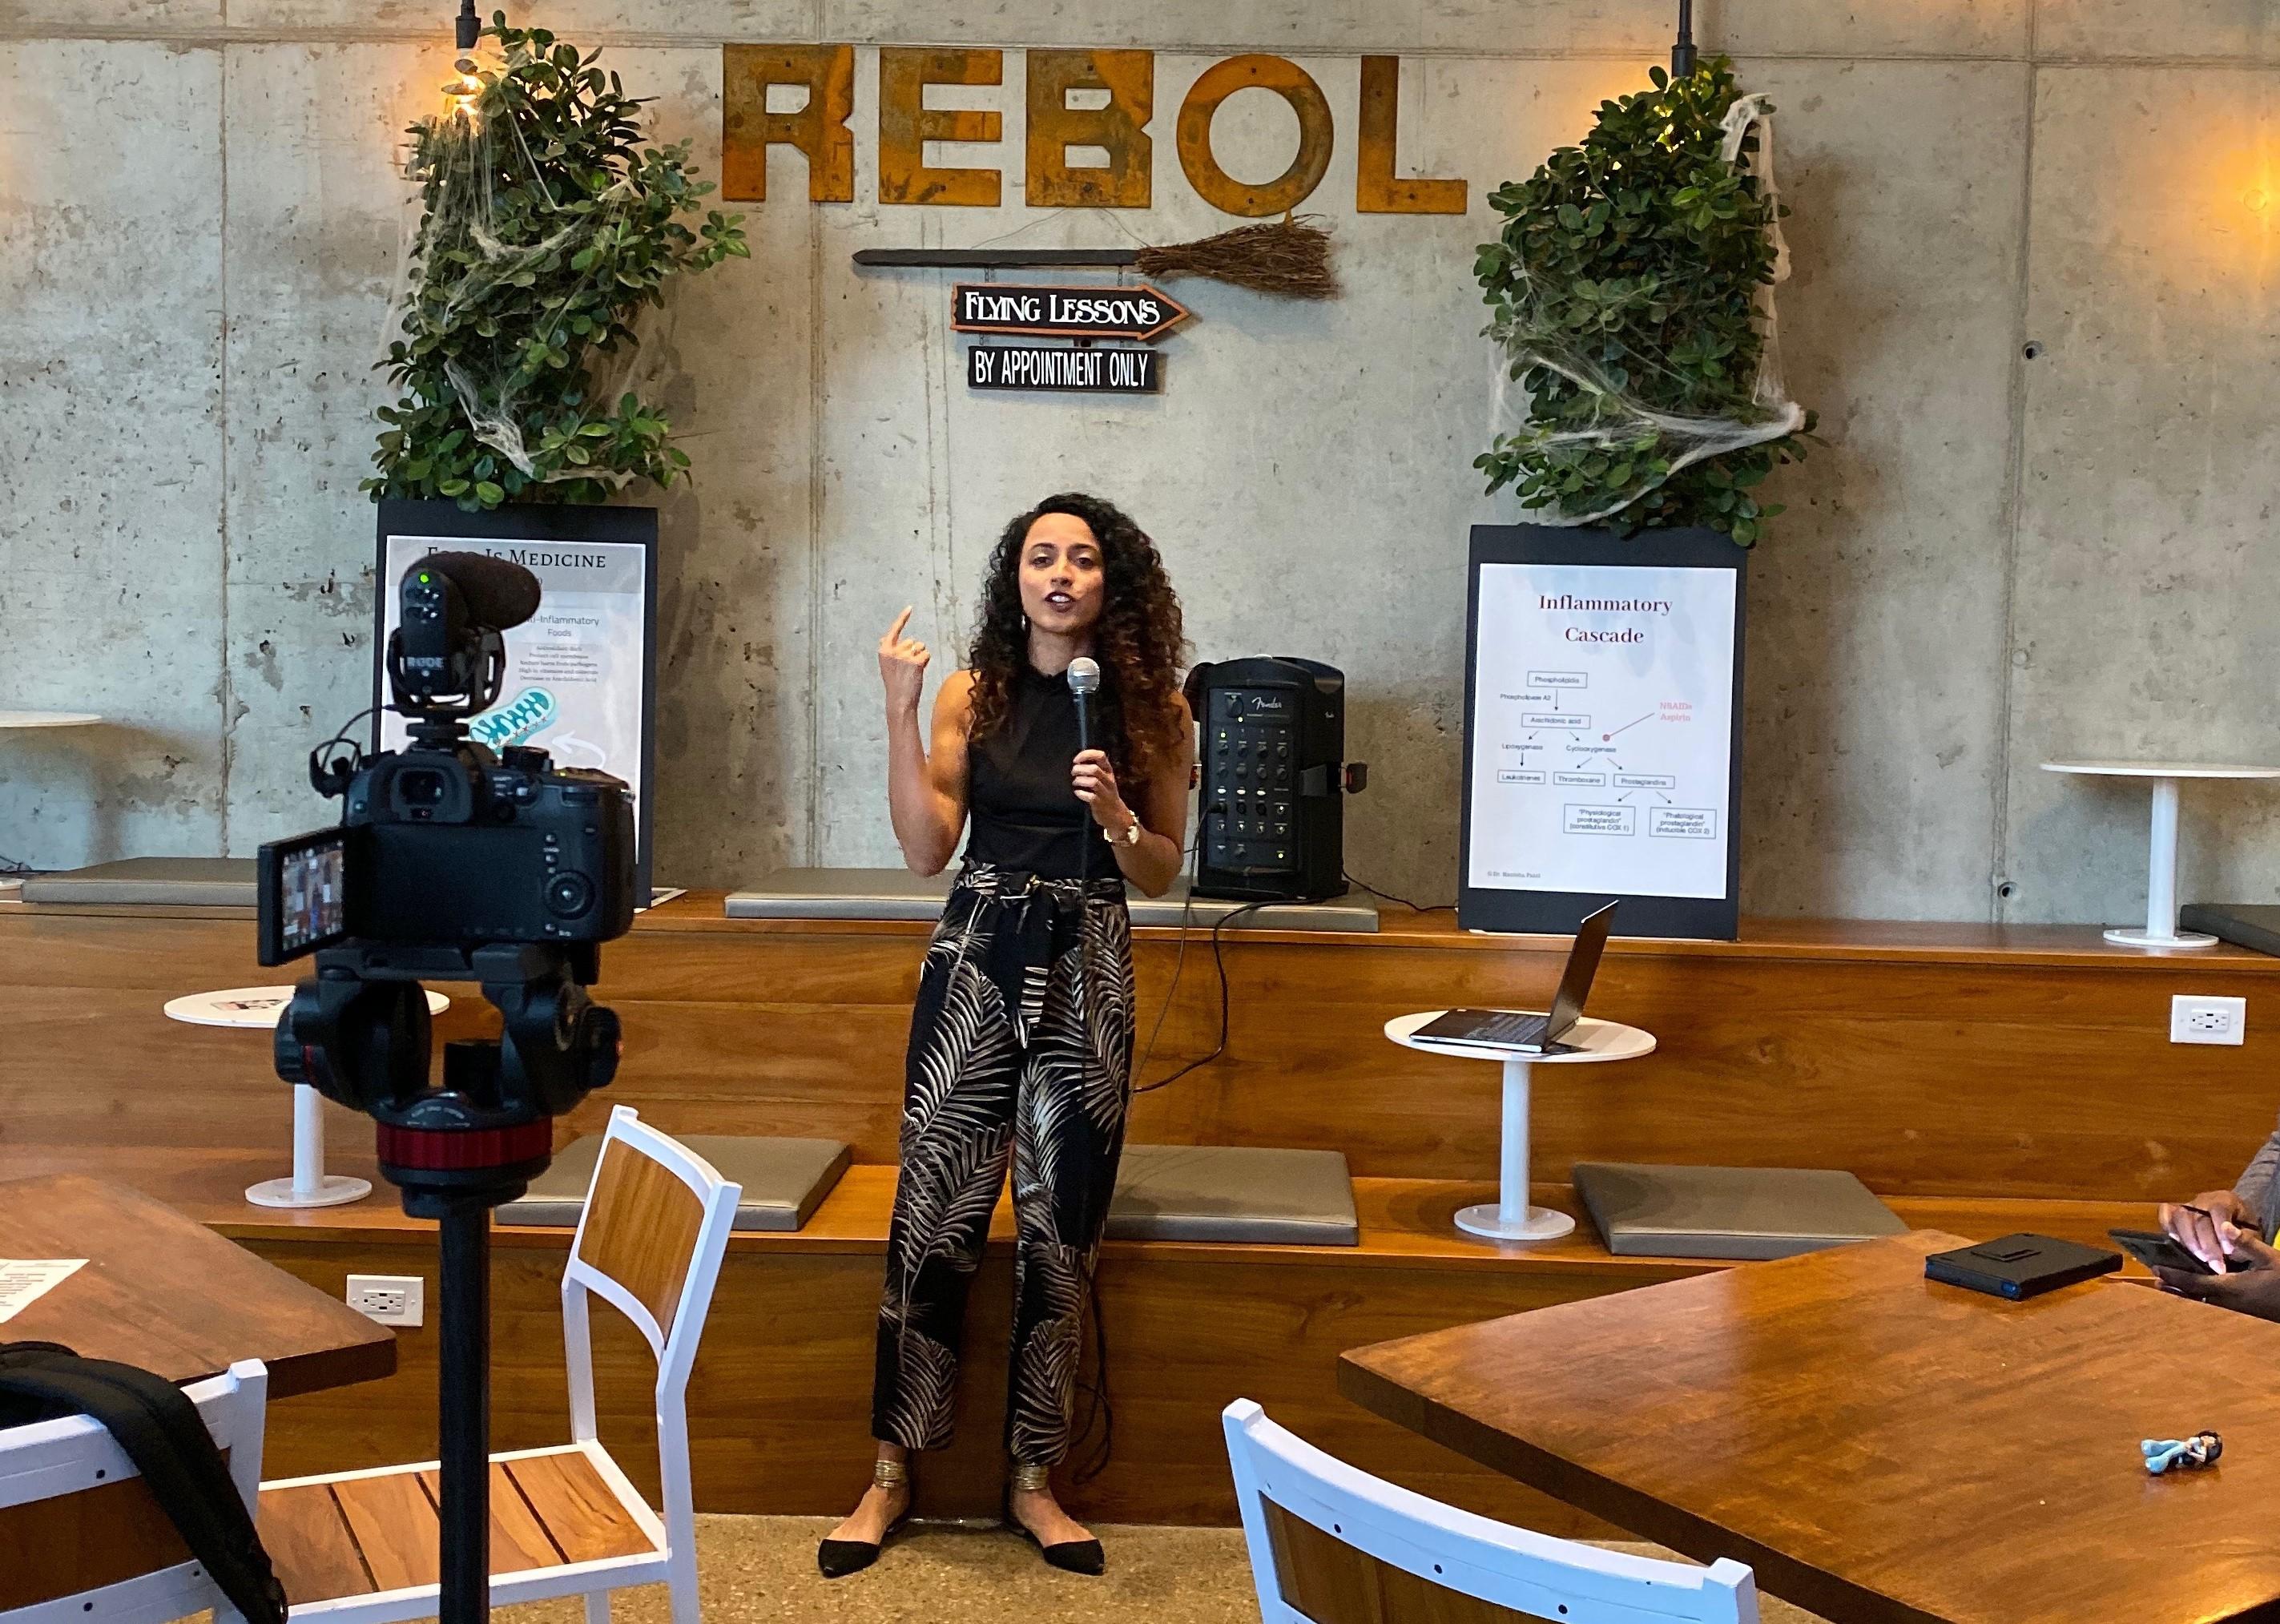 Rebol talk